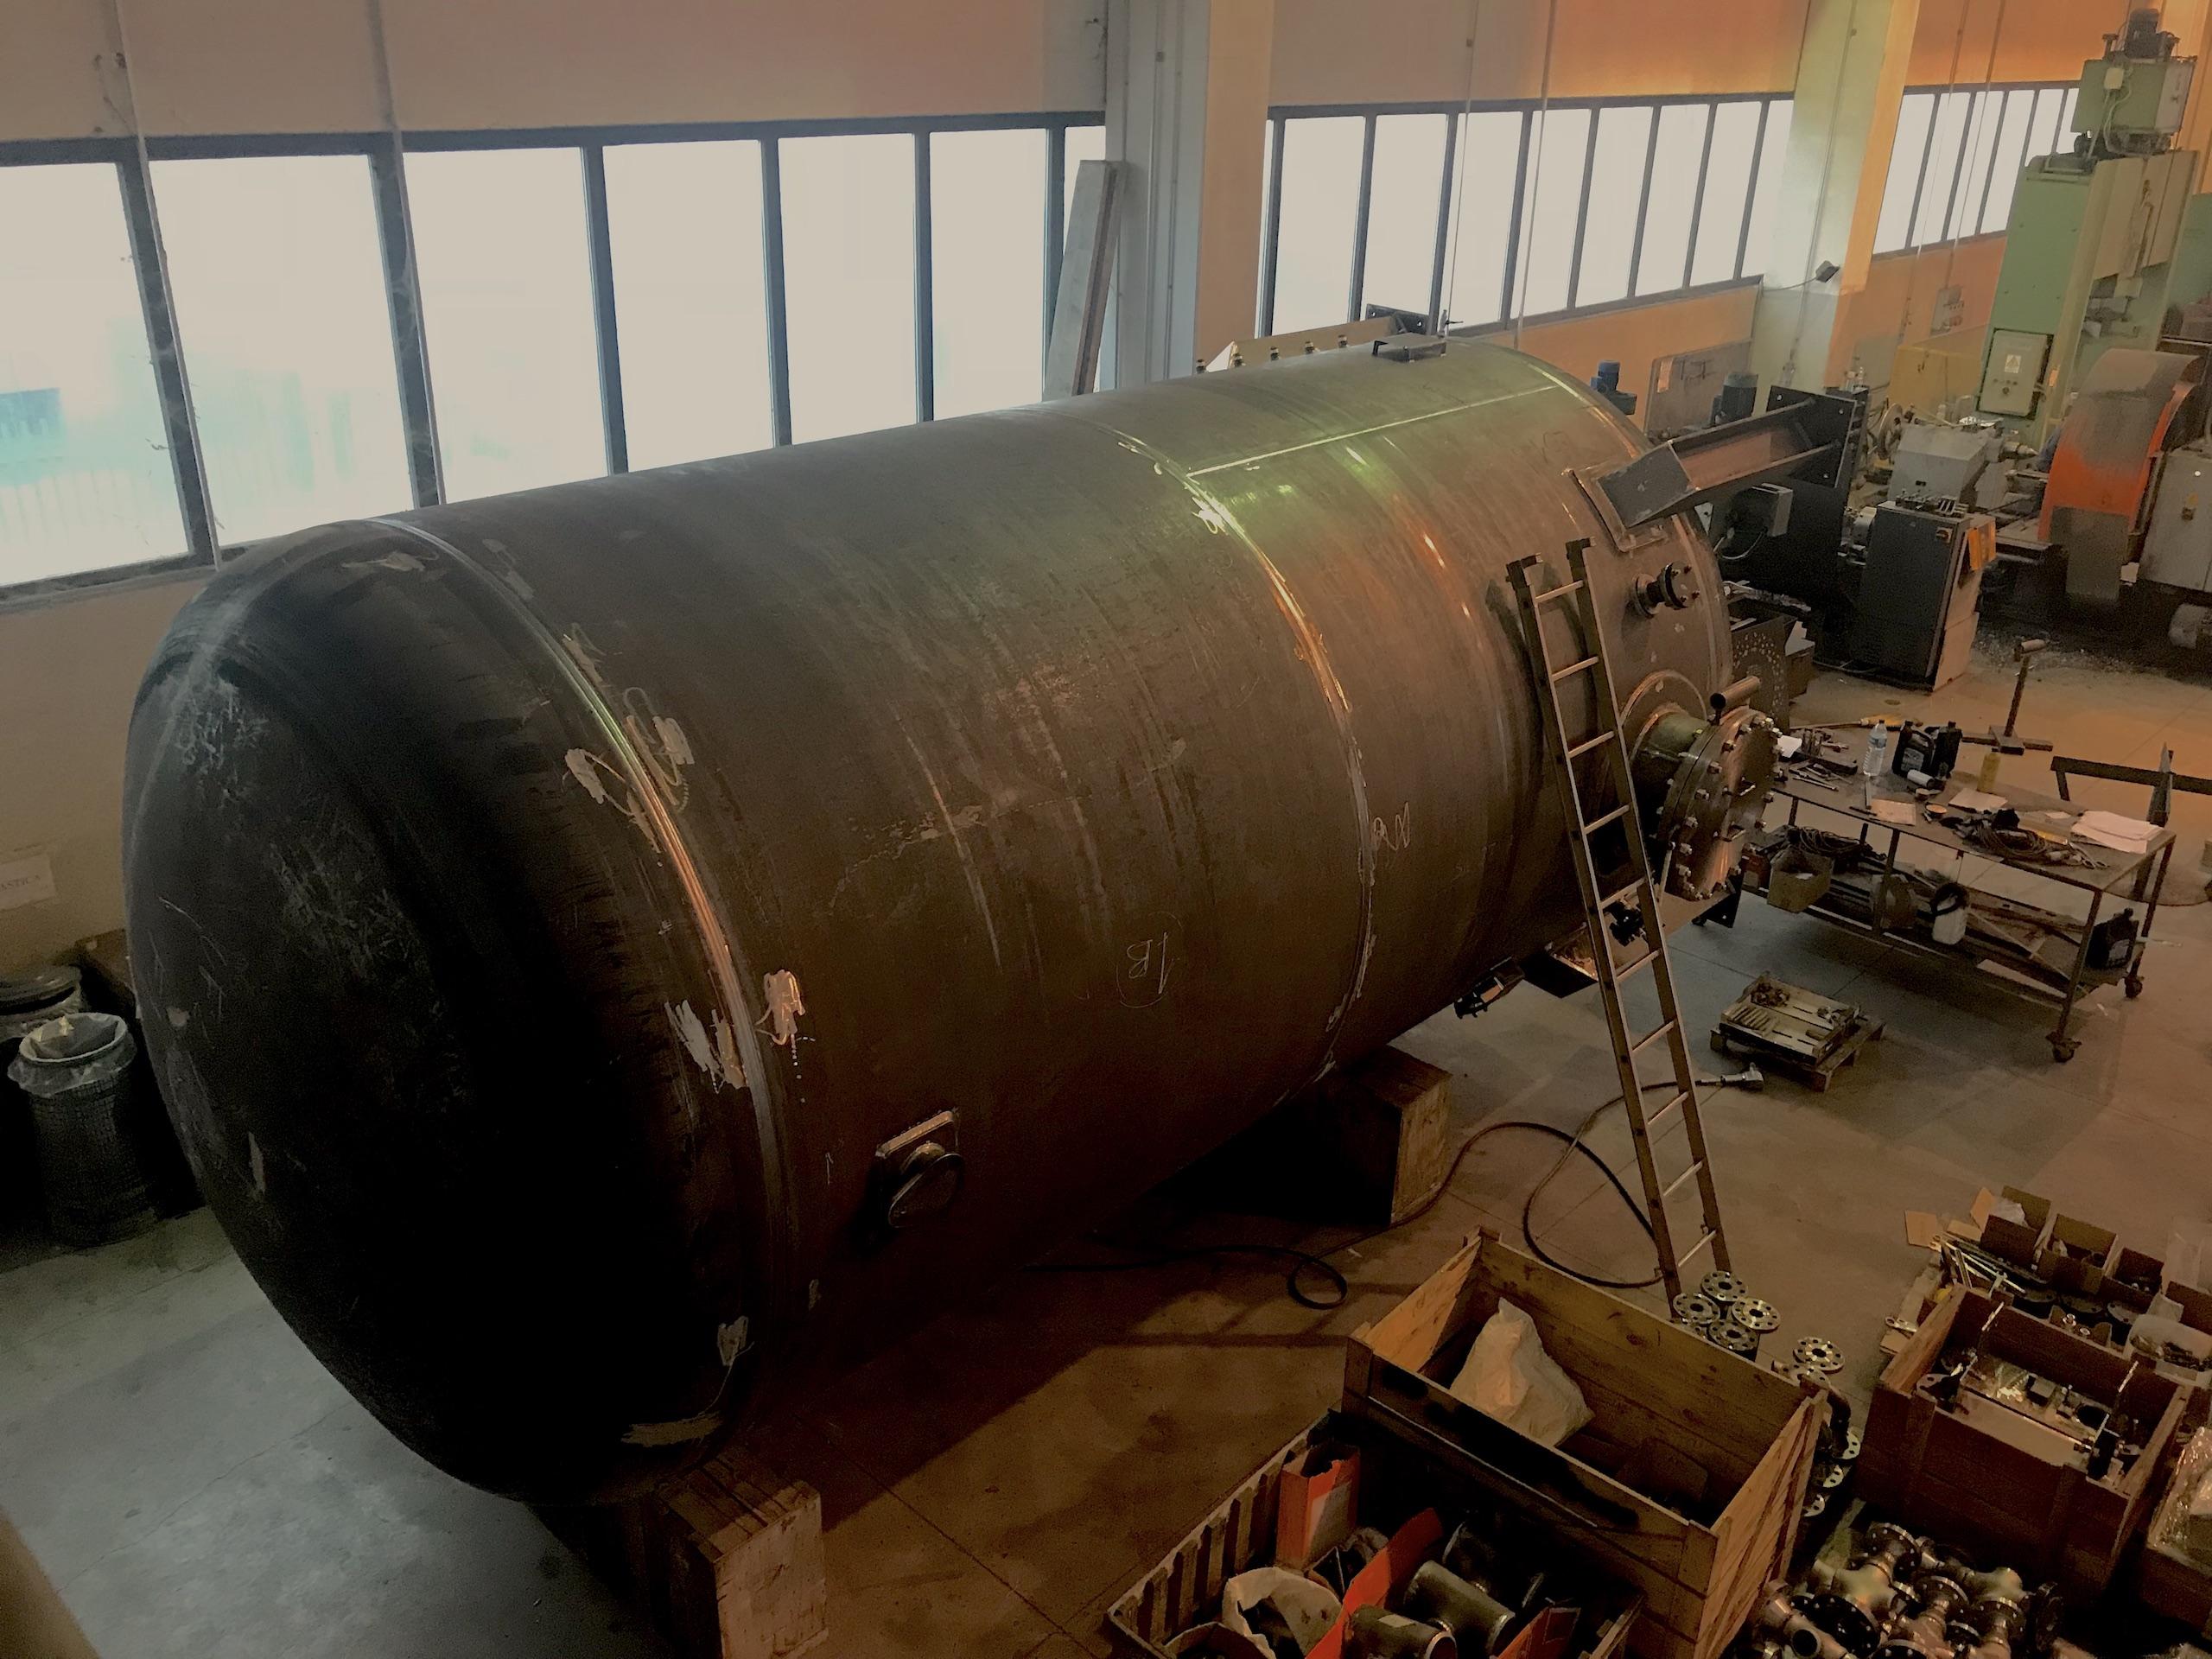 Nr 4 costruzione serbatoi diametro 3000mm lunghezza 7000mm ASME U STAMP......construction tanks diameter 3000mm length 7000mm ASME U STAMP